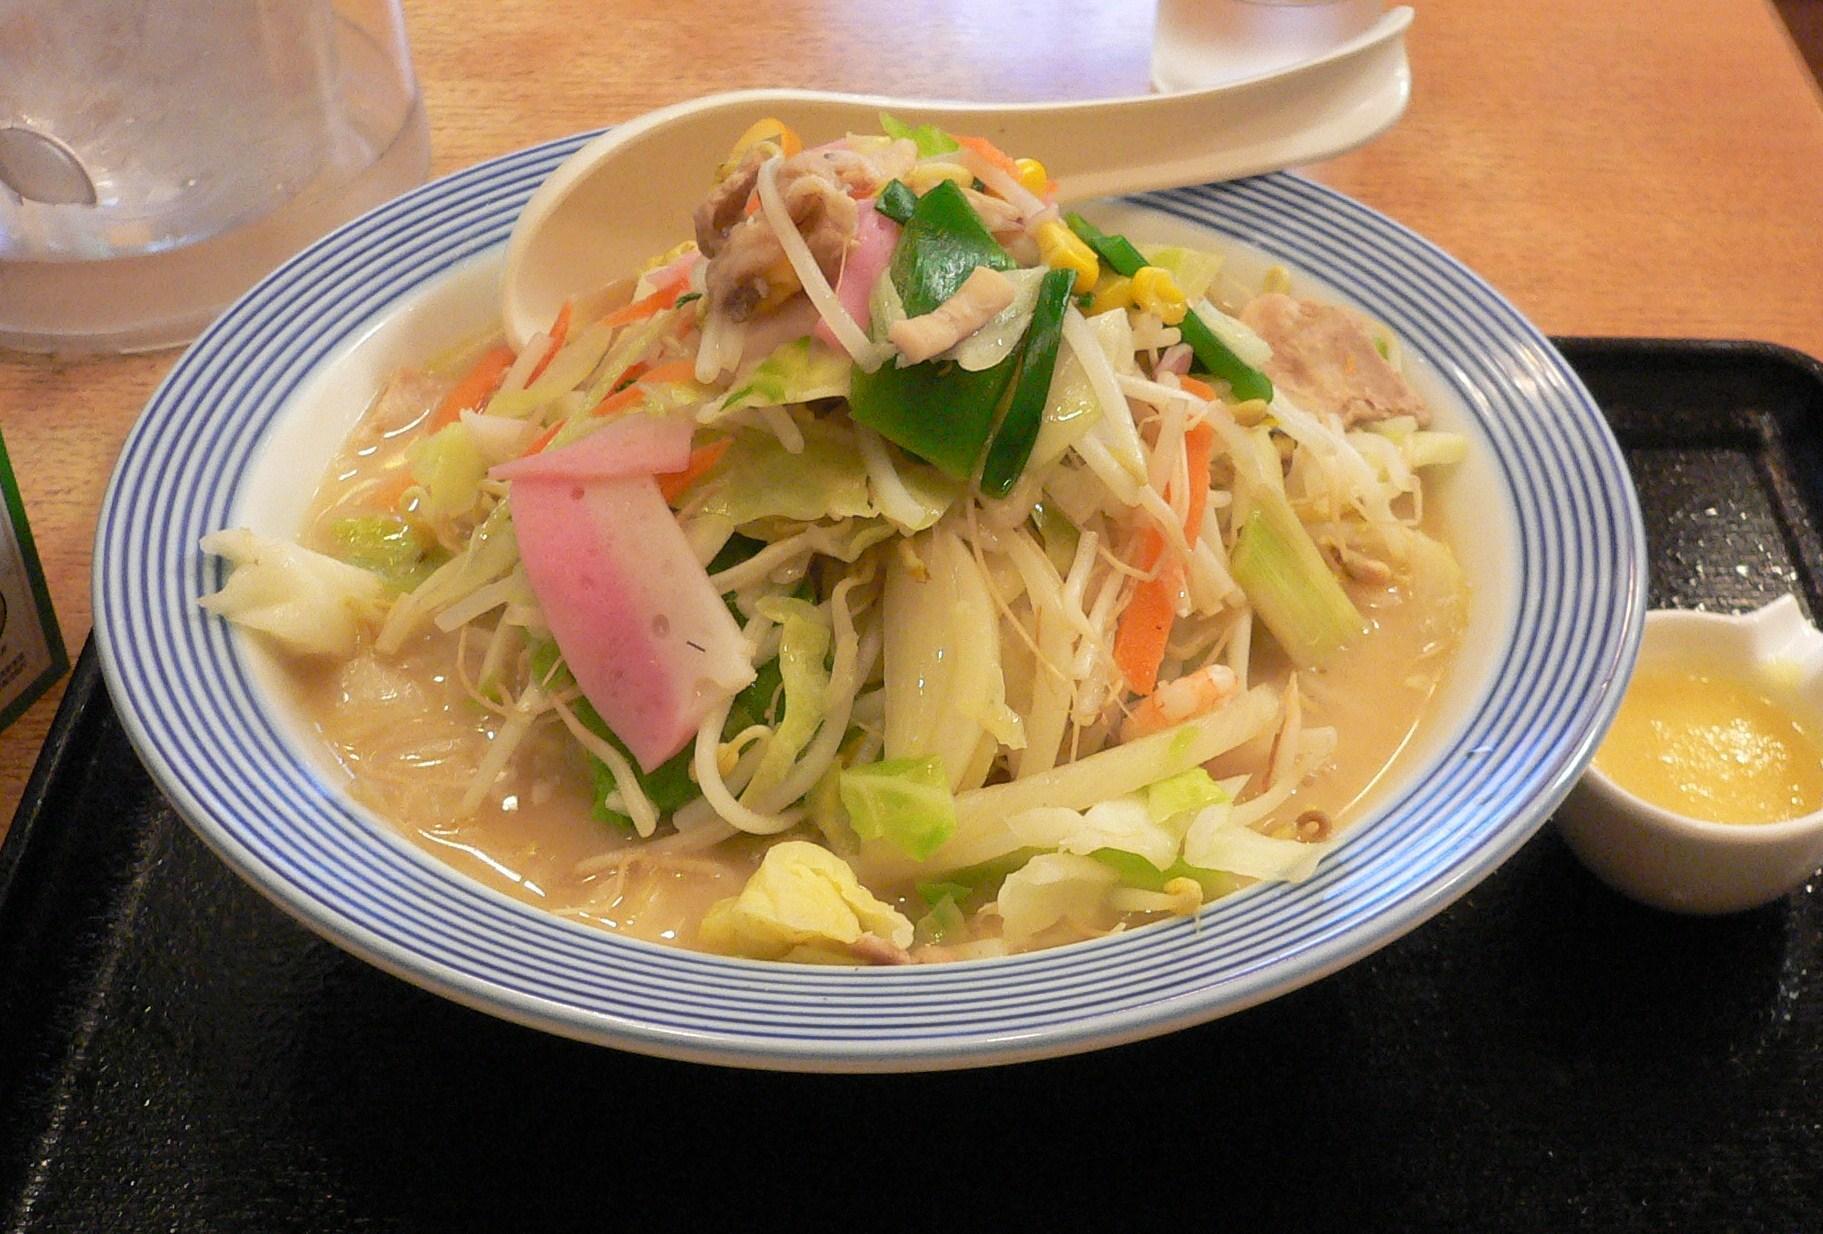 簡単&美味しく作れる!手作りちゃんぽんスープレシピ特集!のサムネイル画像